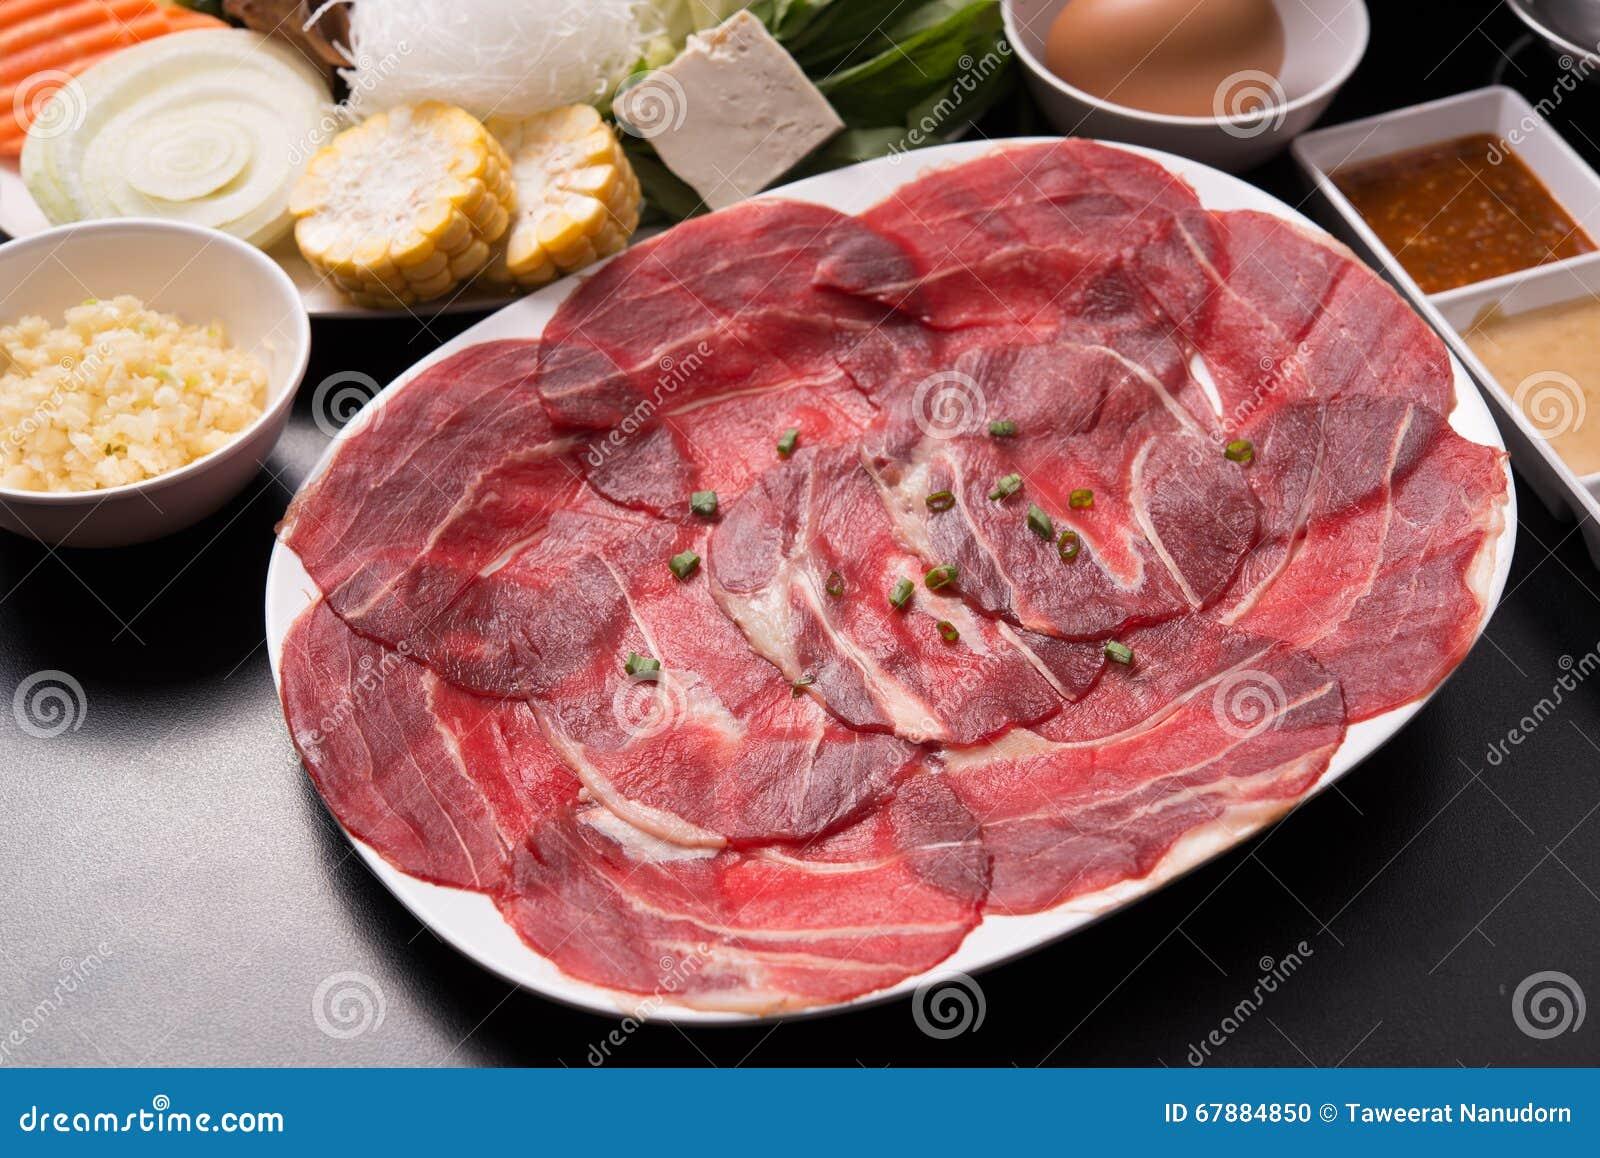 Os alimentos frescos para o shabu quente